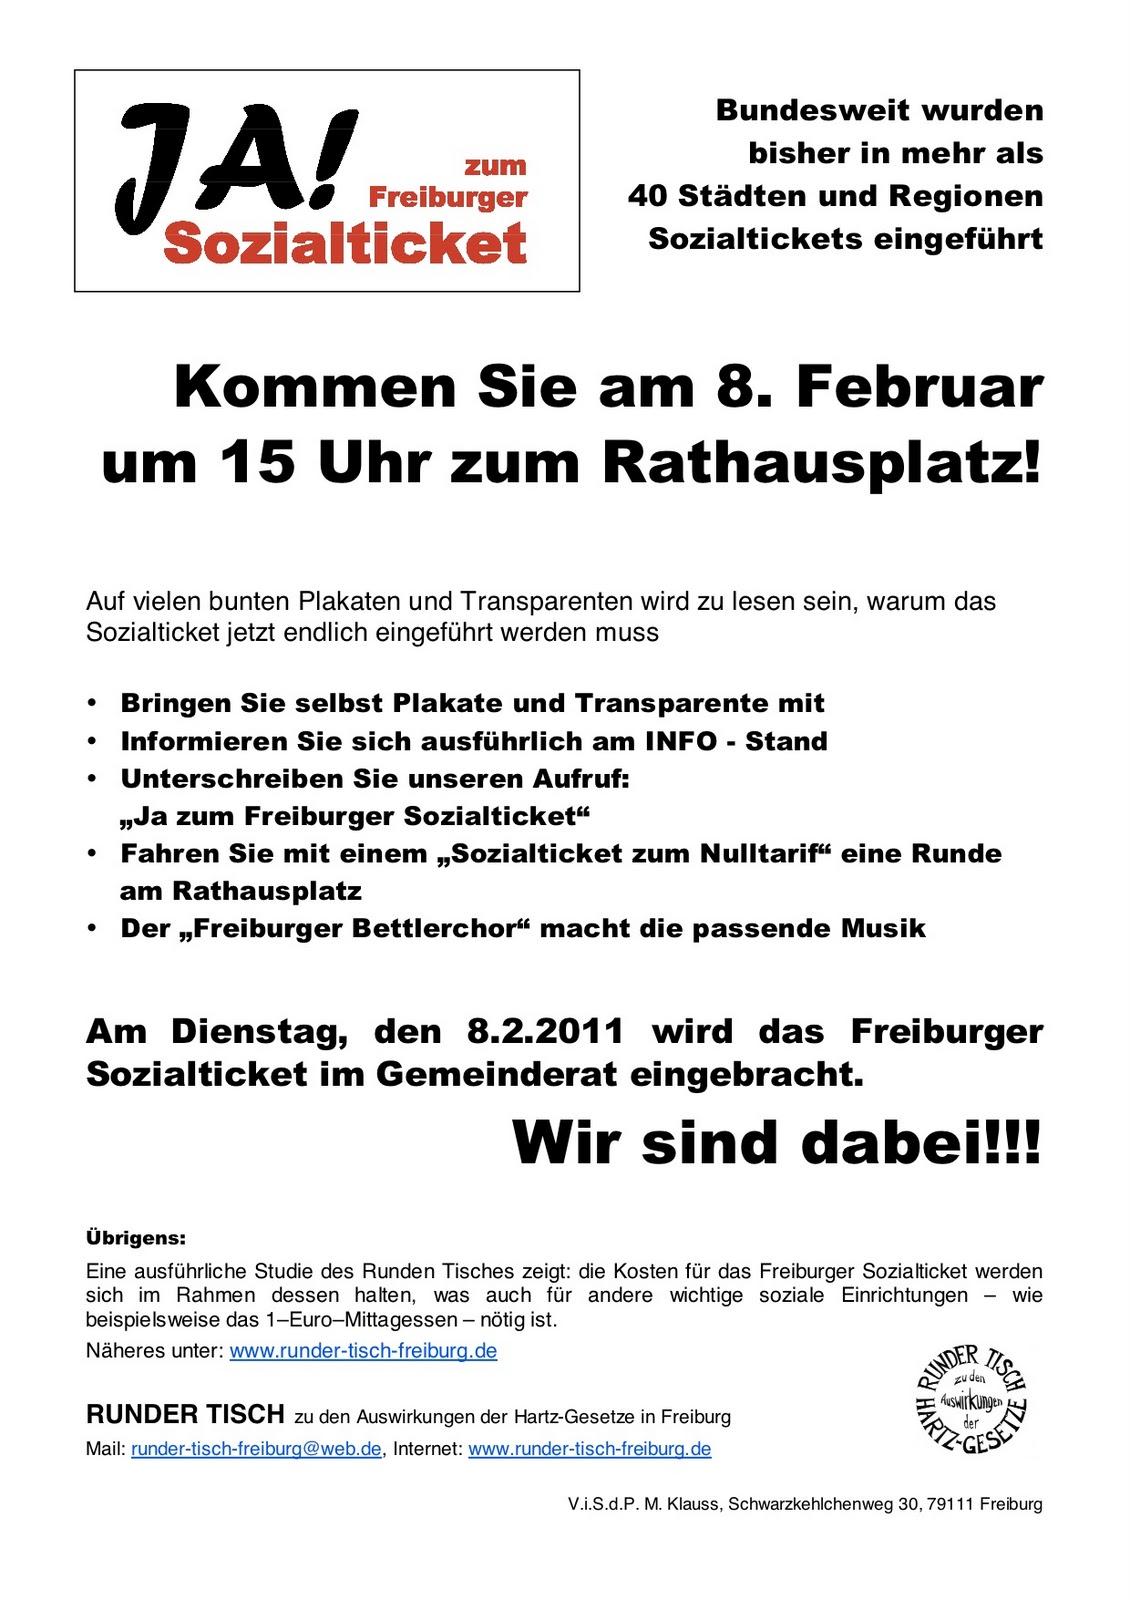 runder tisch freiburg: sozialticket | hartz4 jobcenter, Einladung